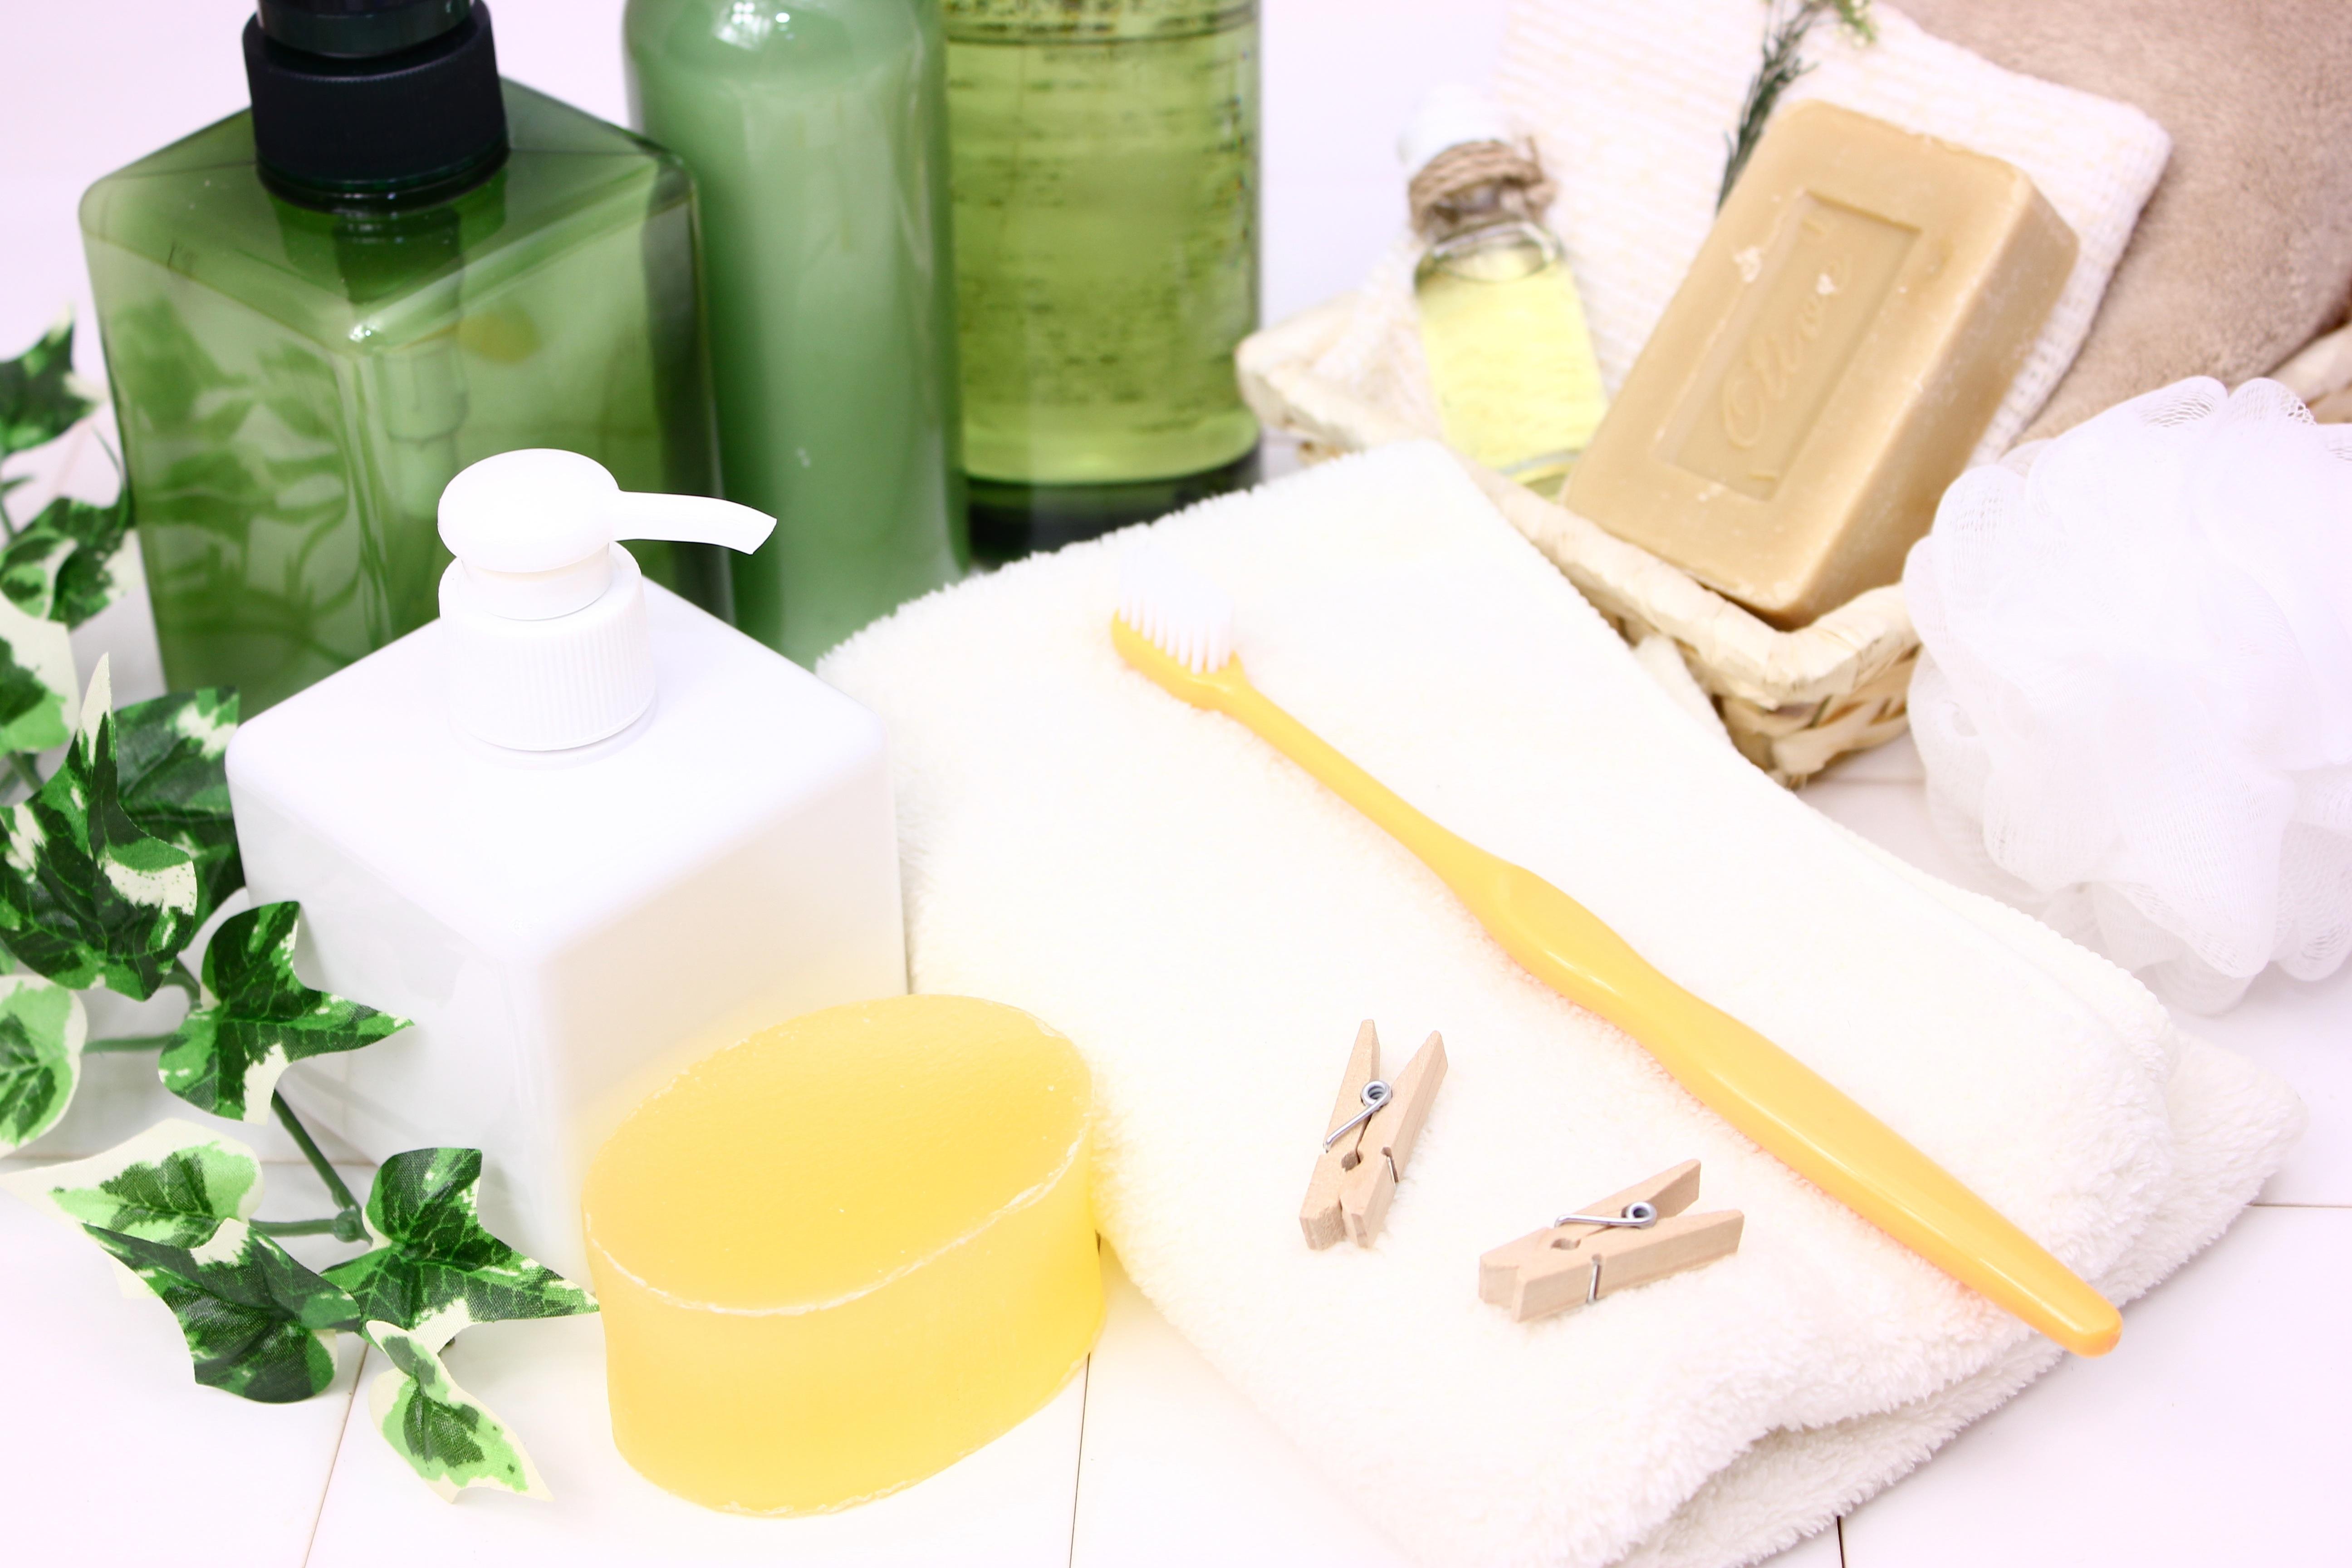 合成界面活性剤を使ったシャンプーや洗顔料、合成せっけんなどを避けた方がよい理由とは?